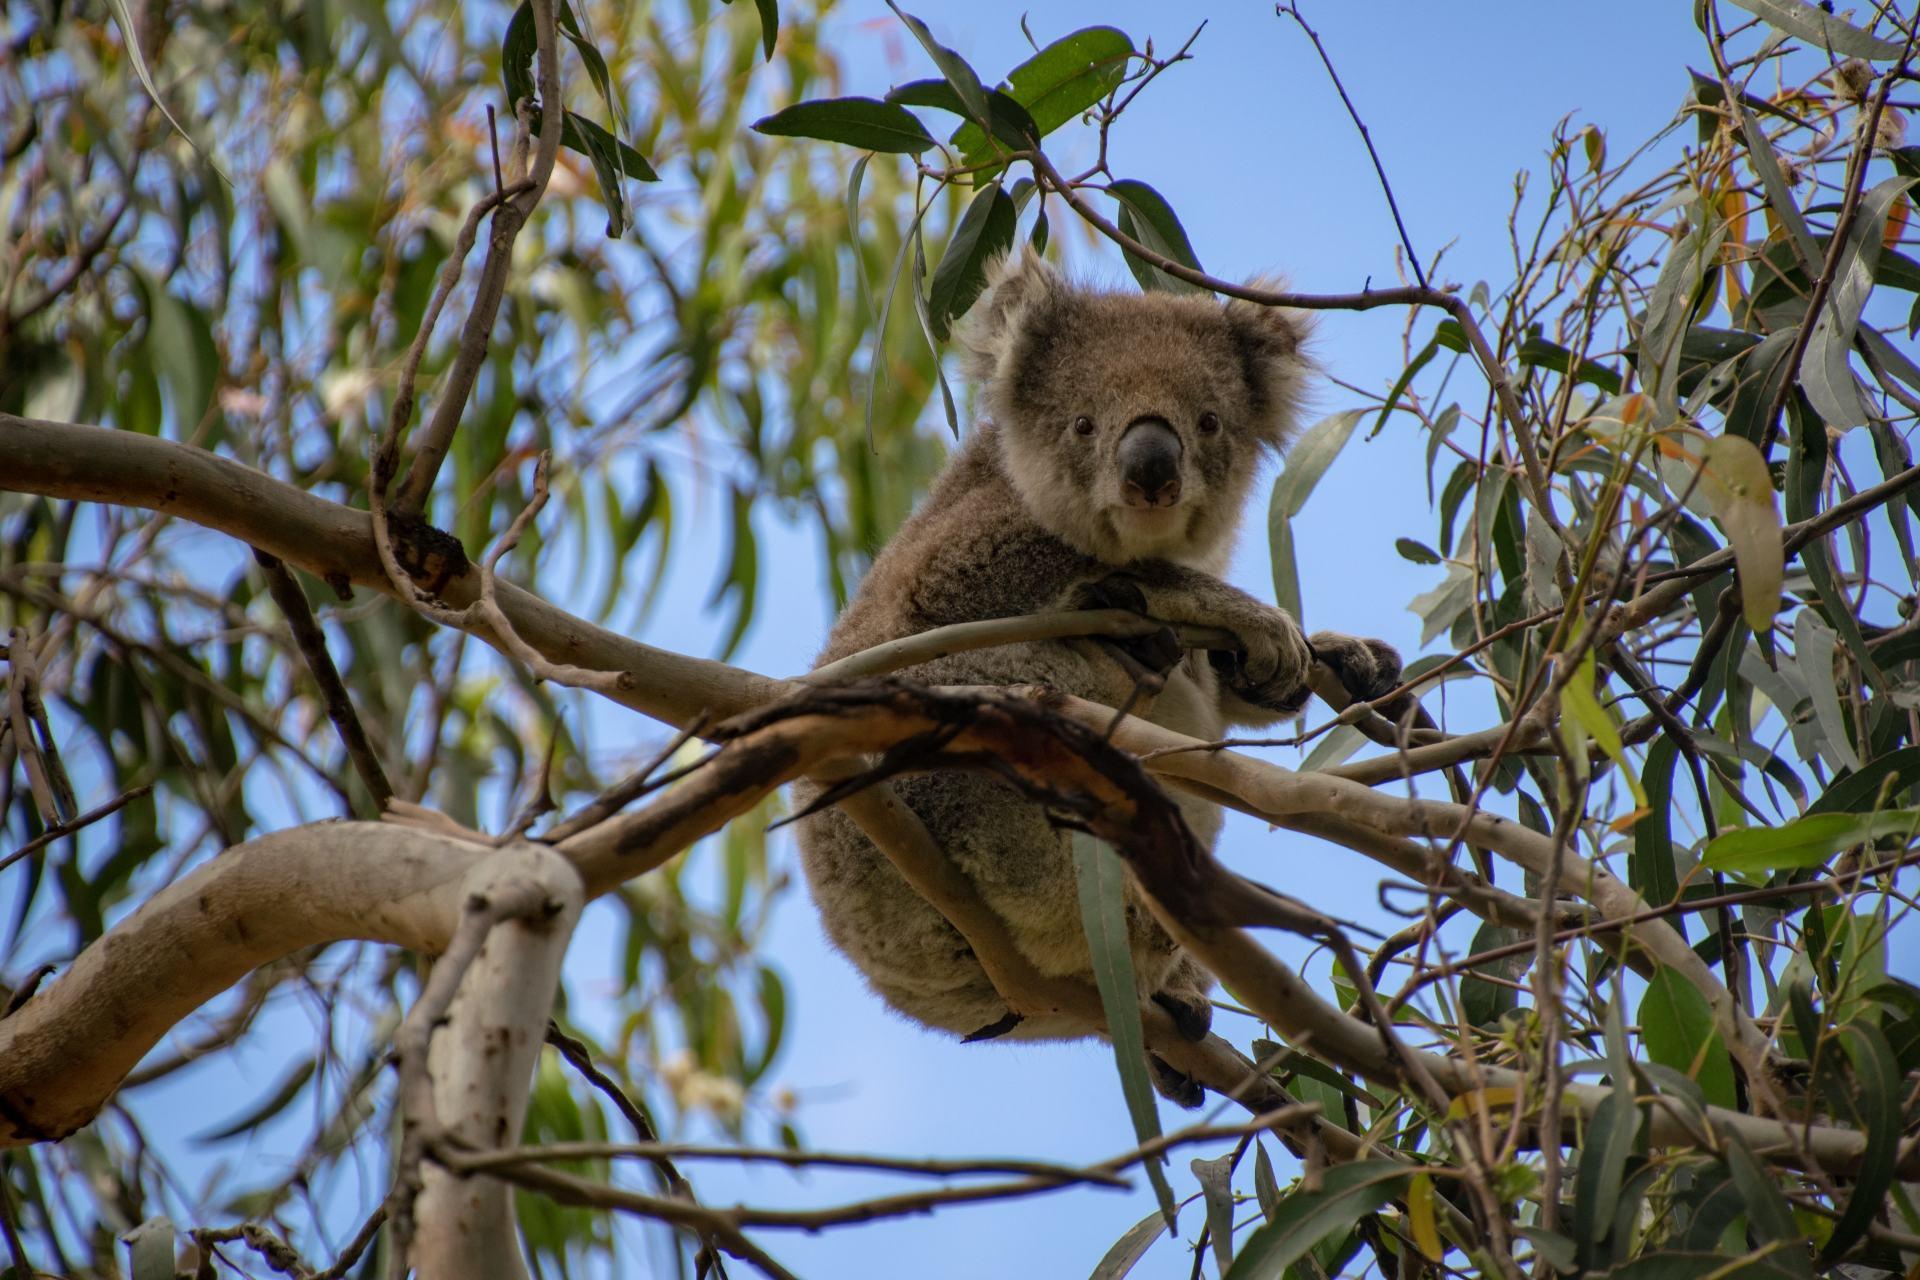 koala sitting in tree on the great ocean road